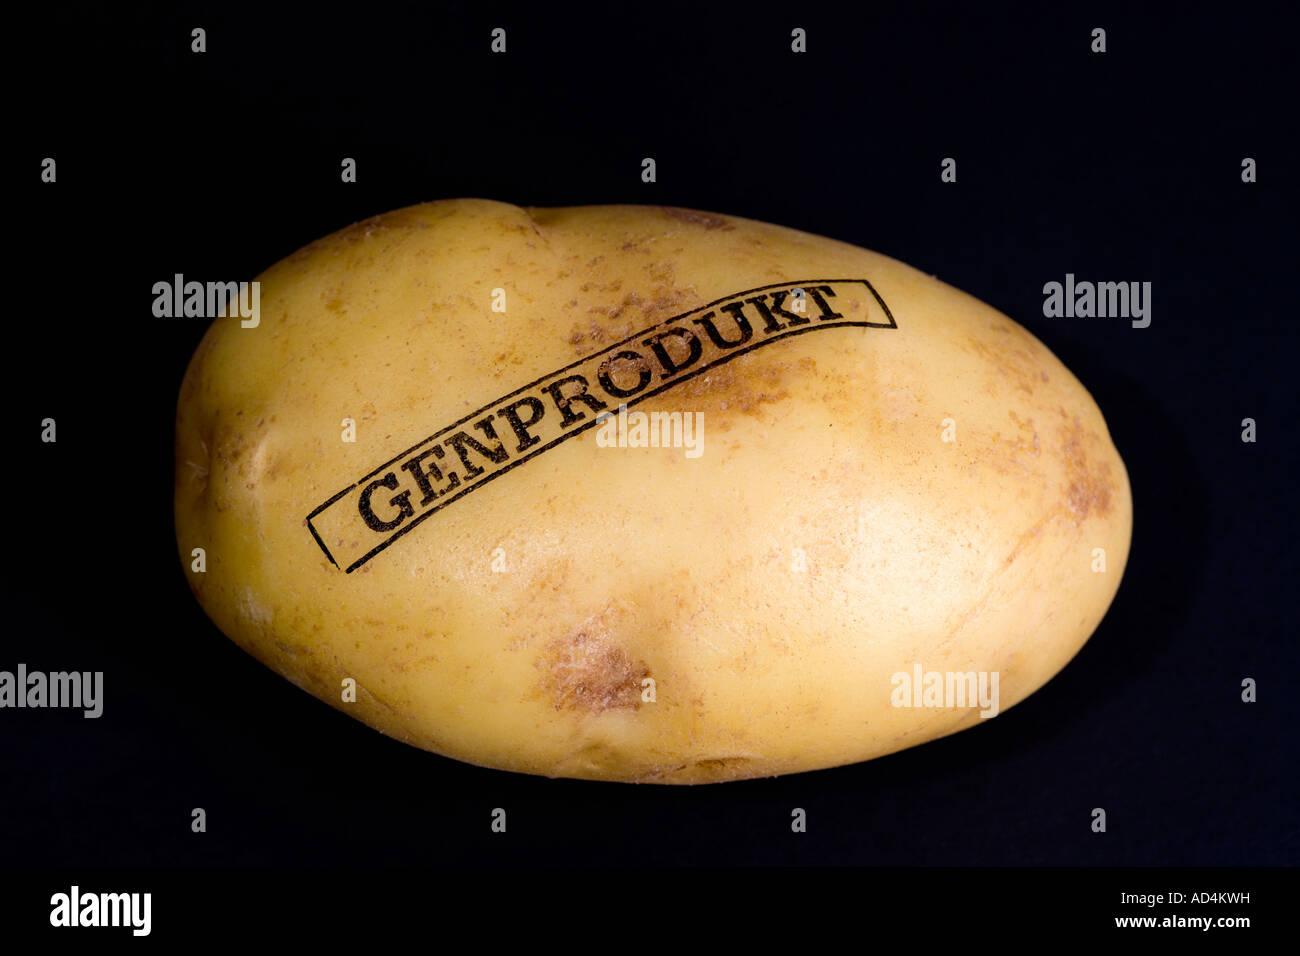 Une pomme de terre génétiquement modifiée Photo Stock